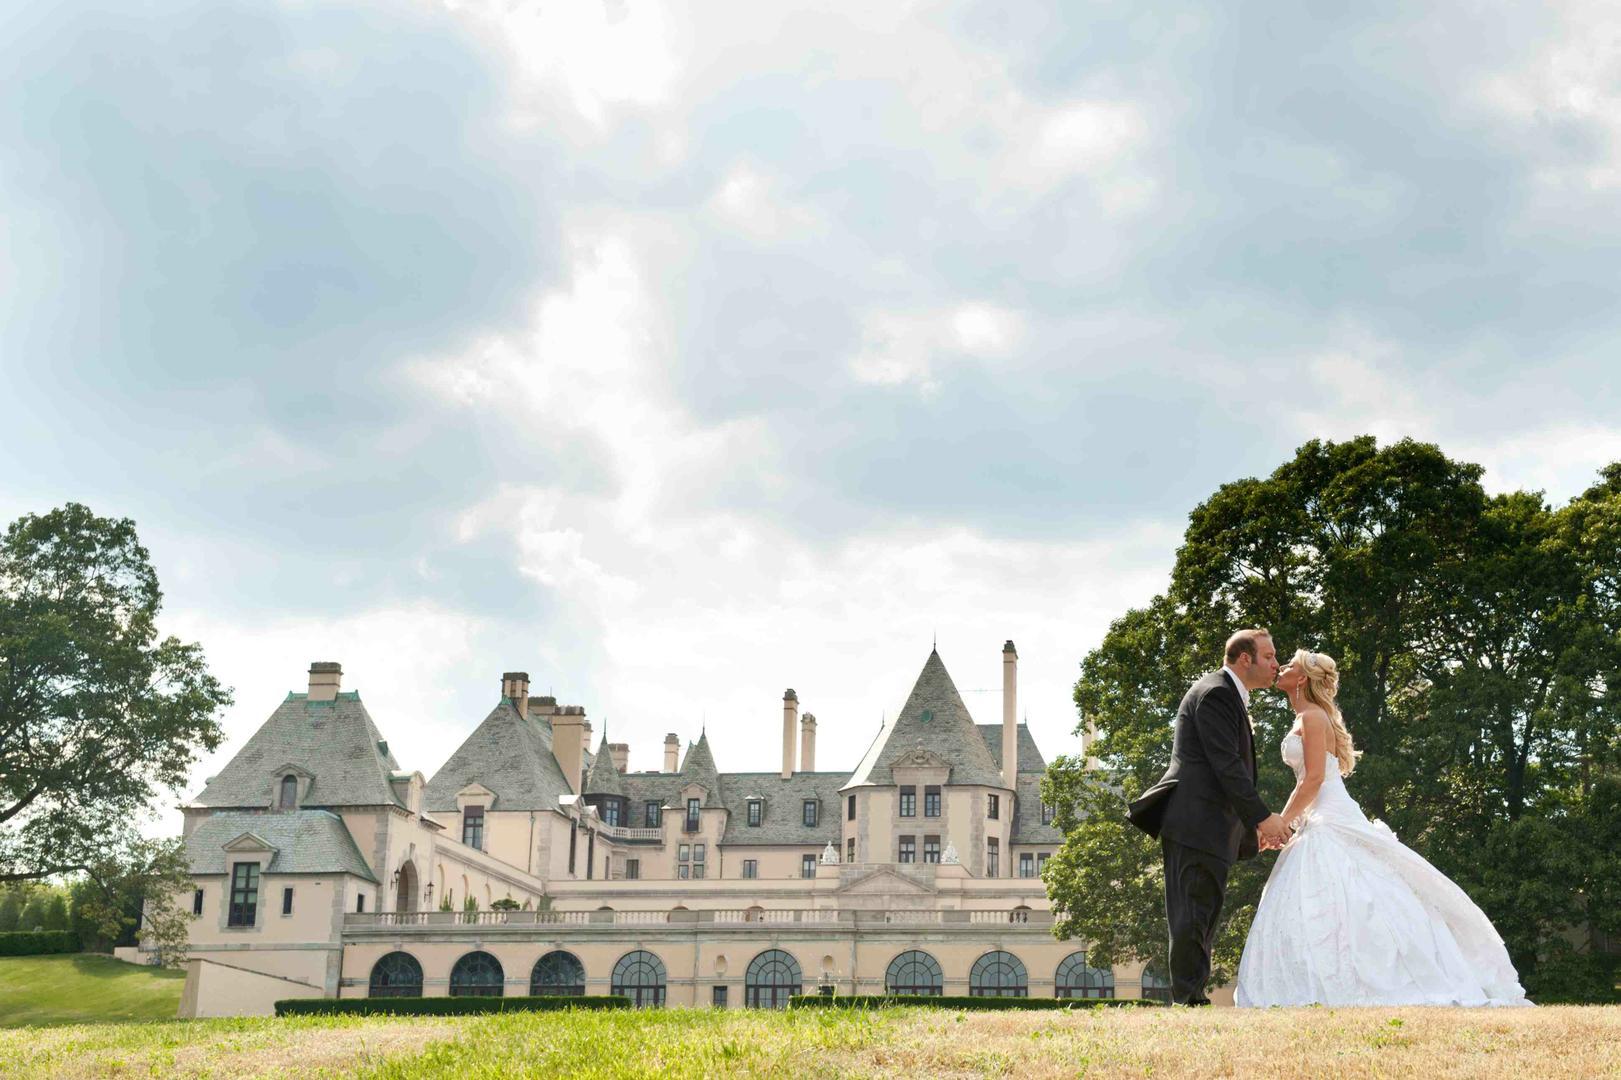 Castle wedding venues unique wedding venues oheka for Wedding venues in usa